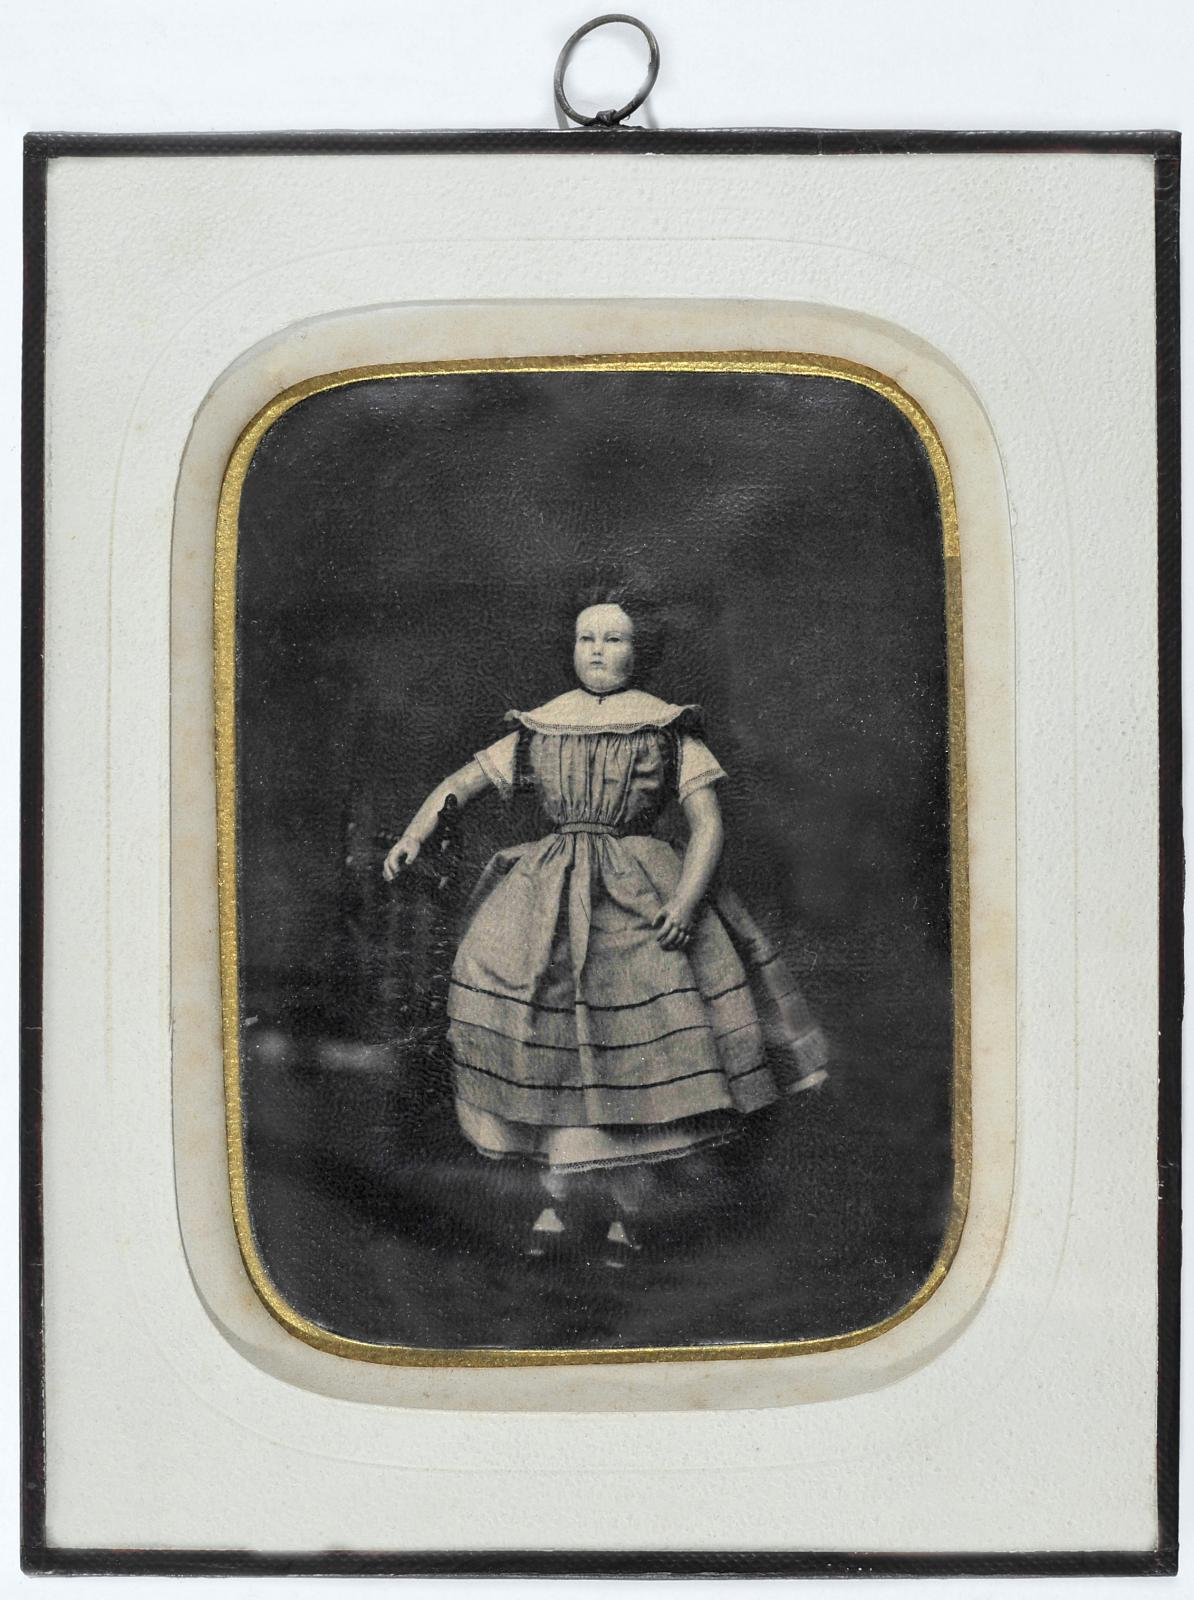 Jean-Baptiste Lagriffe(1820-1865), Portrait stéréoscopique, panotype, vers1860, 8,5x17,5cm. ©Christophe Dubois-Rubio